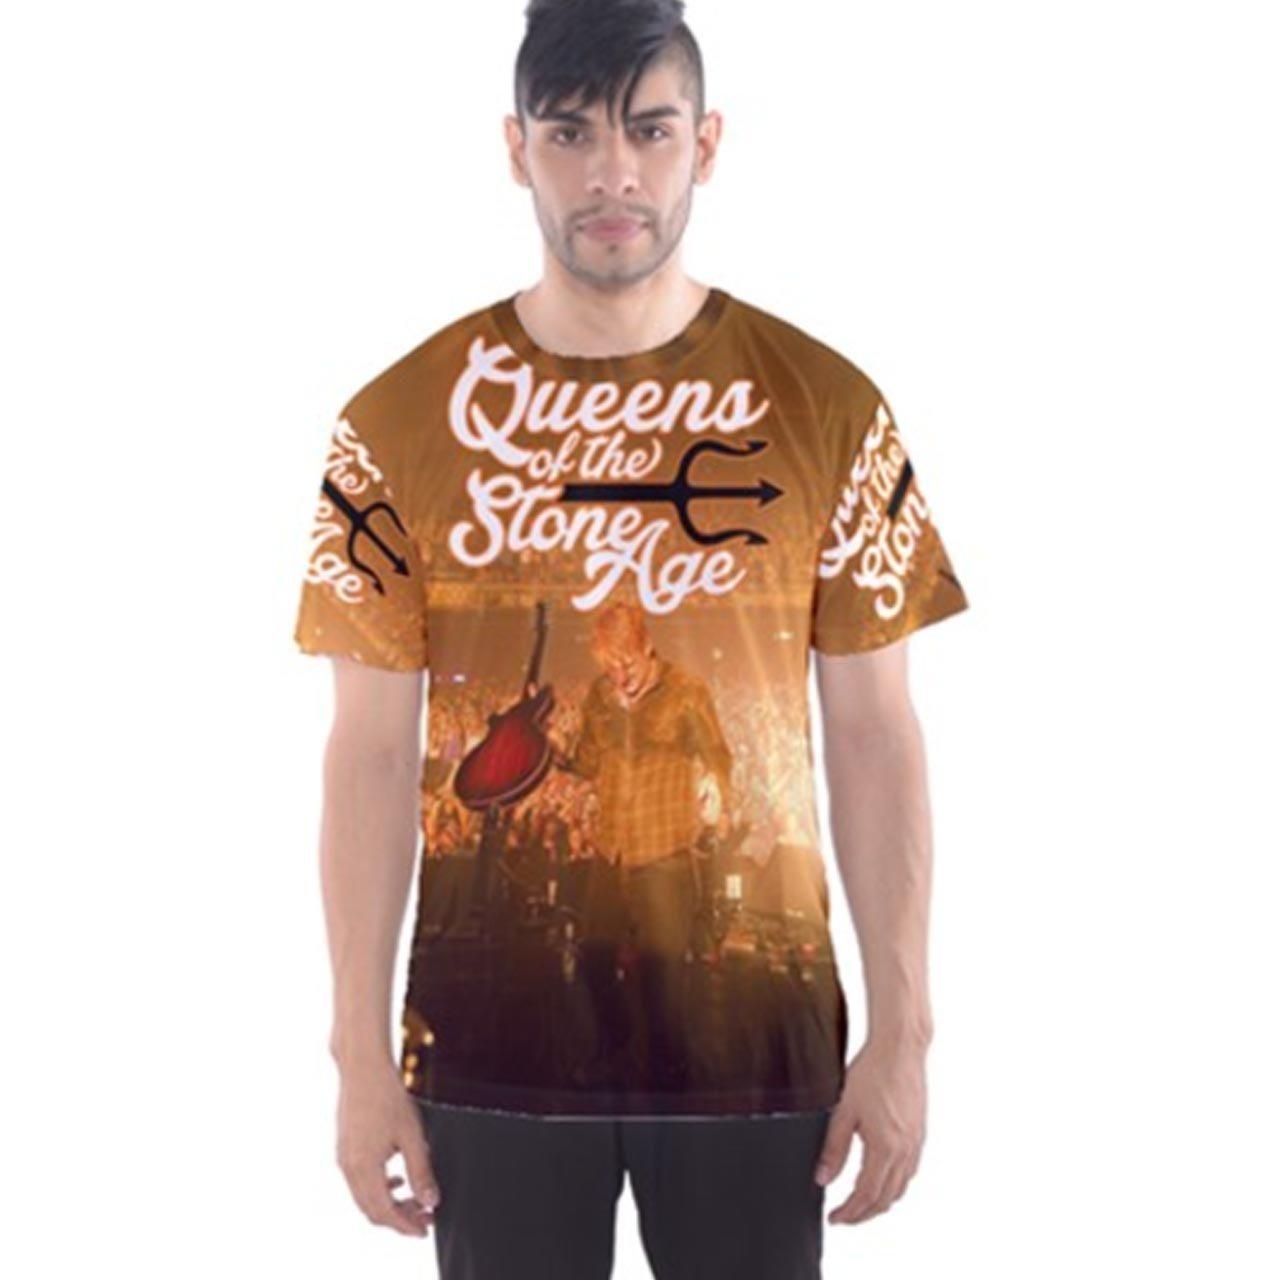 Queens of the Stone AgeメンズTシャツTee Fullprint Tシャツサイズ2 x l   B075TSQSQJ